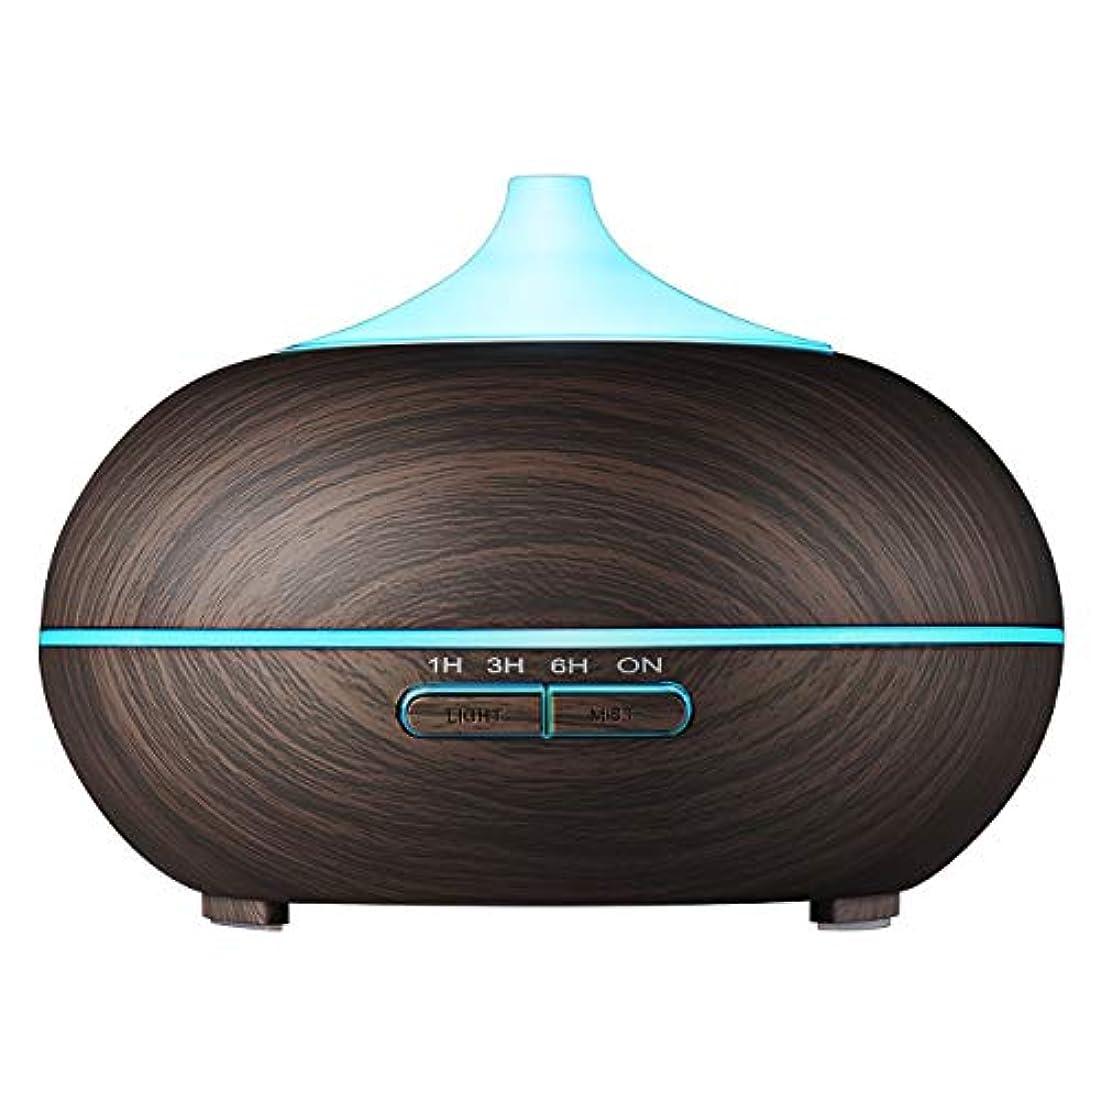 辞書抹消忘れられないVicTsing 300 ml Aromatherapy Essential Oil Diffuser、超音波クールなミスト加湿器with 14 – カラーLEDライト、木目デザイン